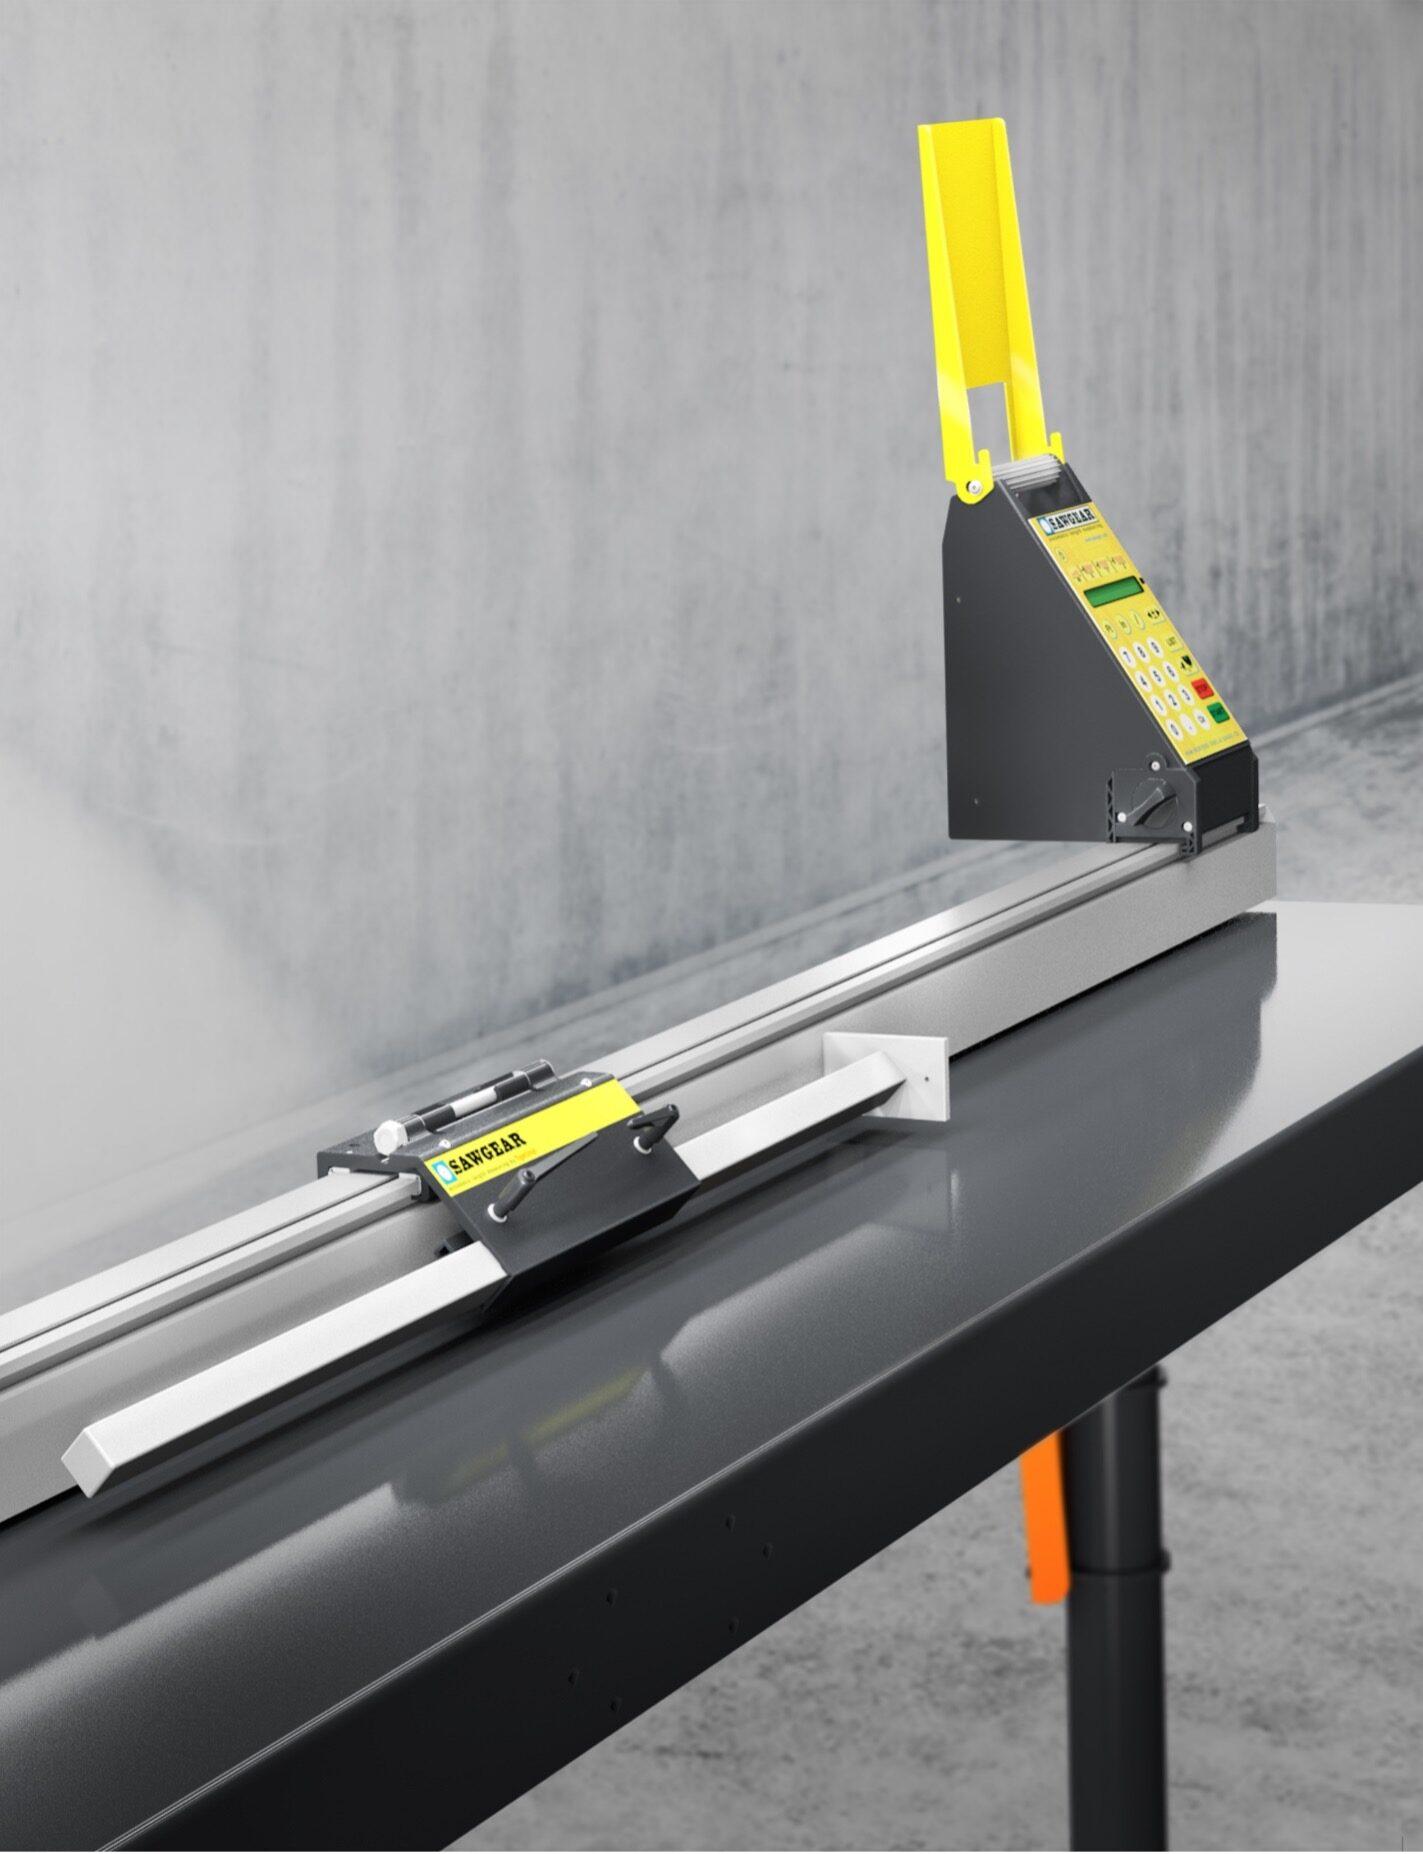 SawGear measuring device